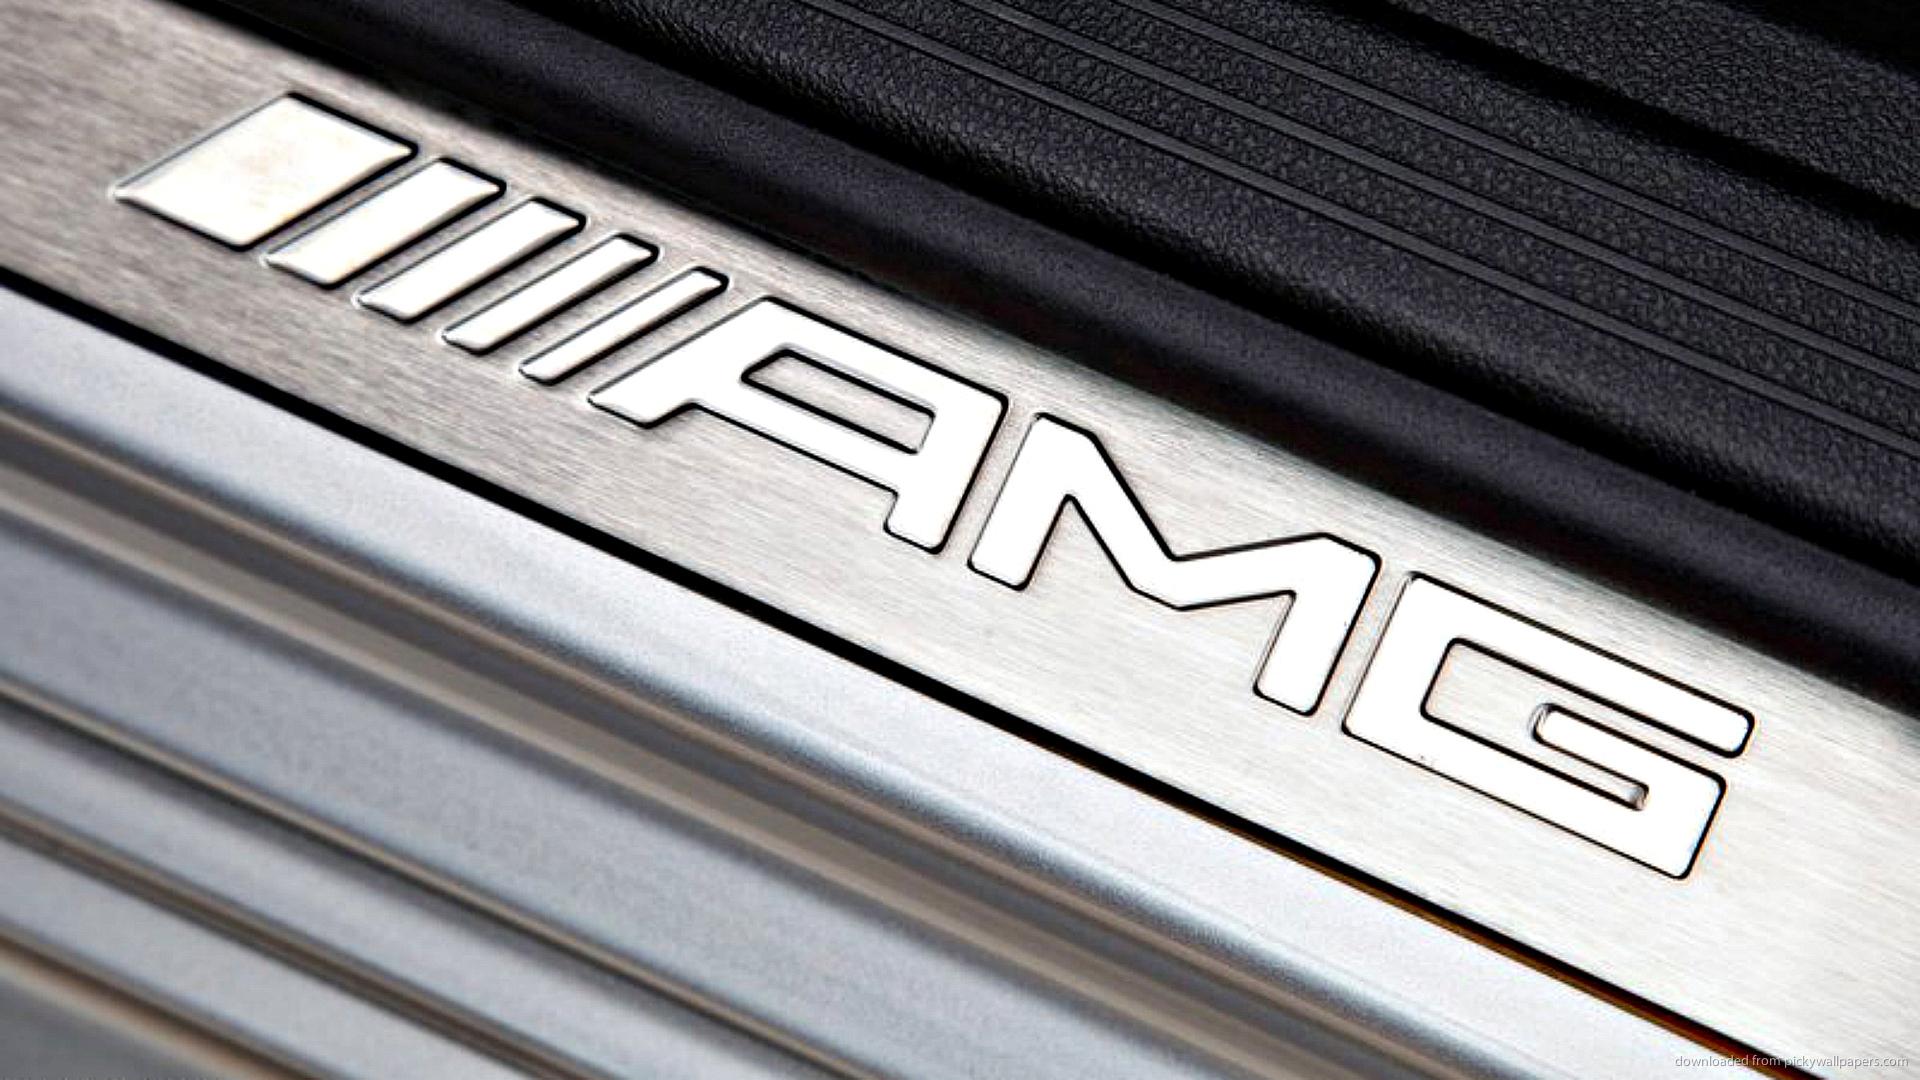 Компания Mercedes-AMG выпустит компактный спорткар— конкурента Порше Cayman